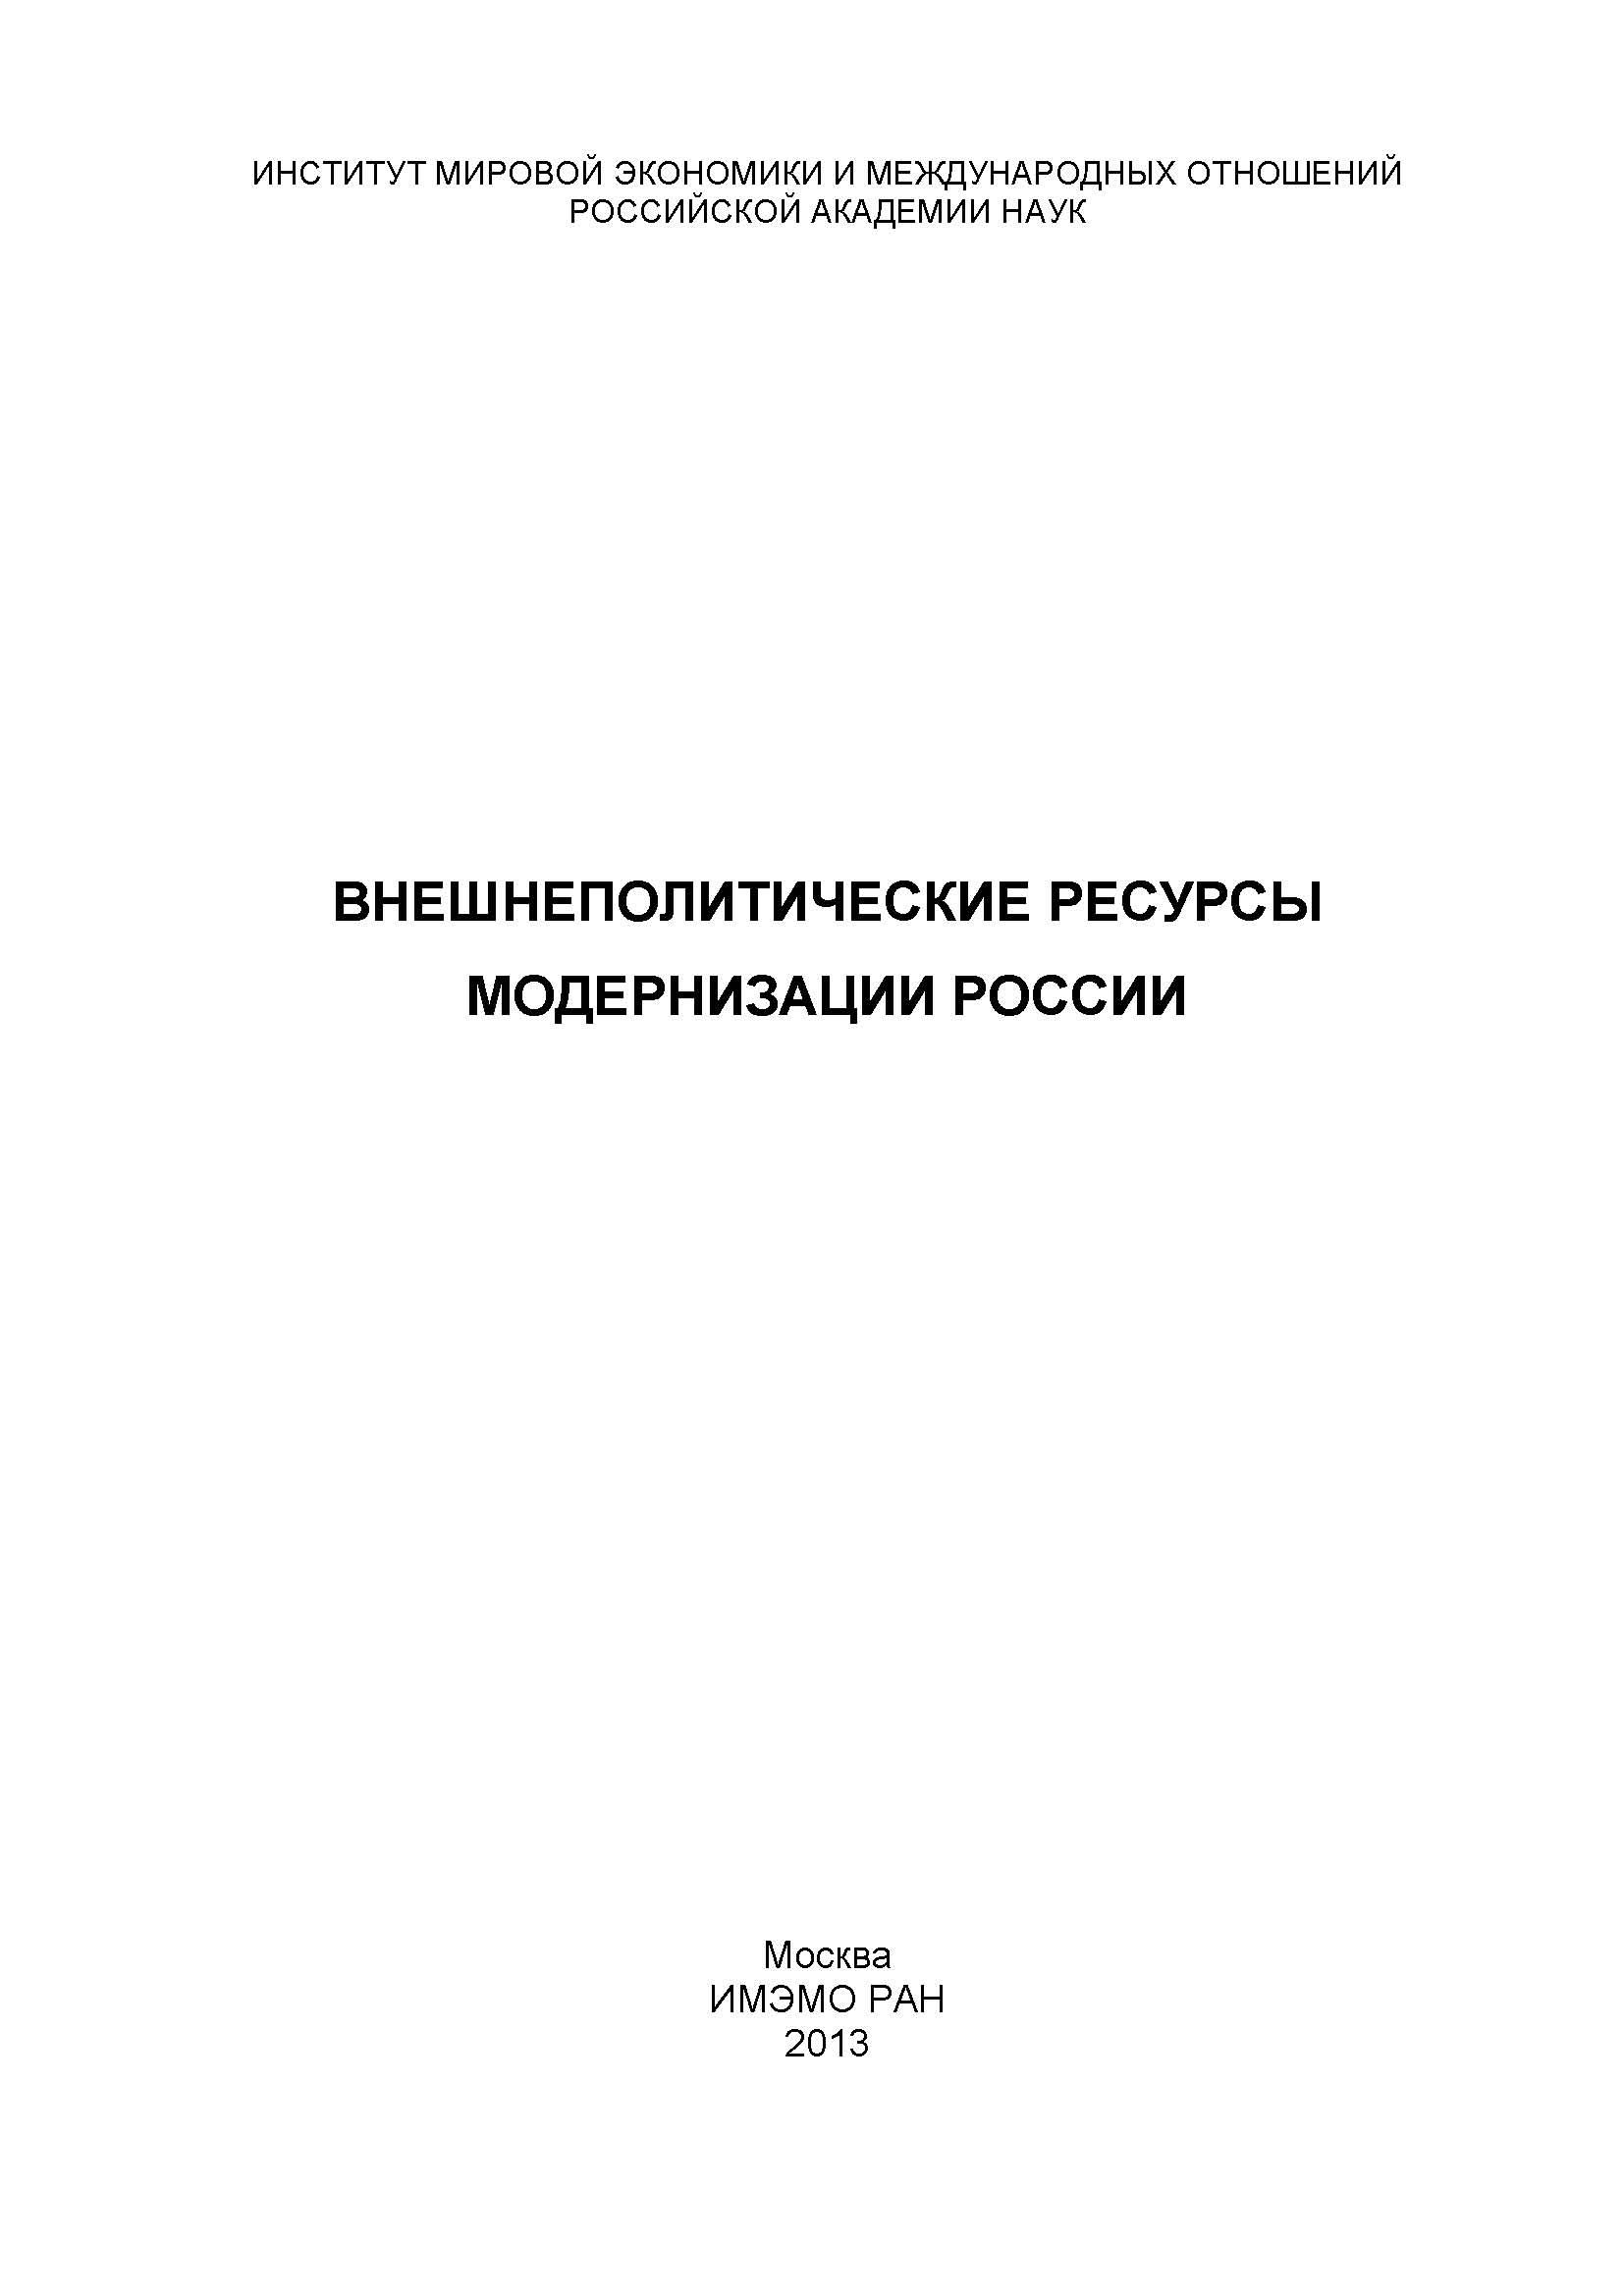 Социально-политические трансформации в странах Запада и повестка дня российской модернизации